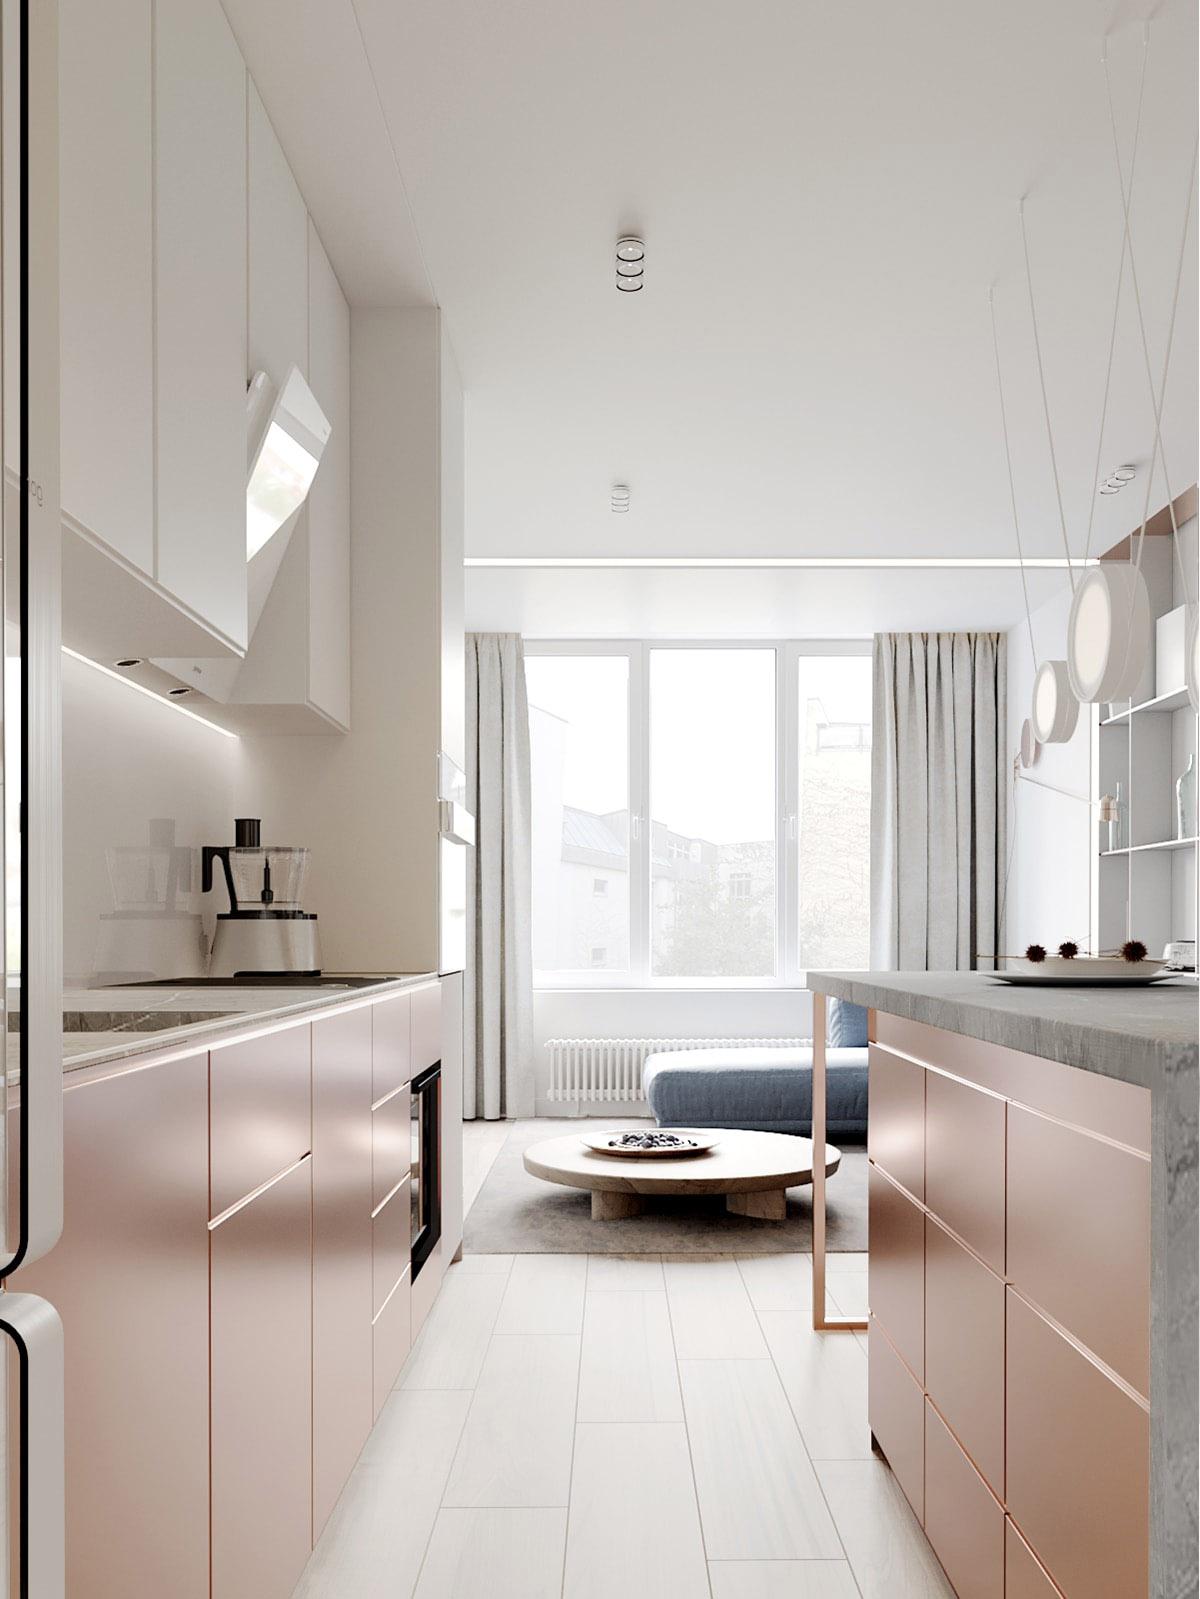 دیزاین منزل با رنگ های پاستلی